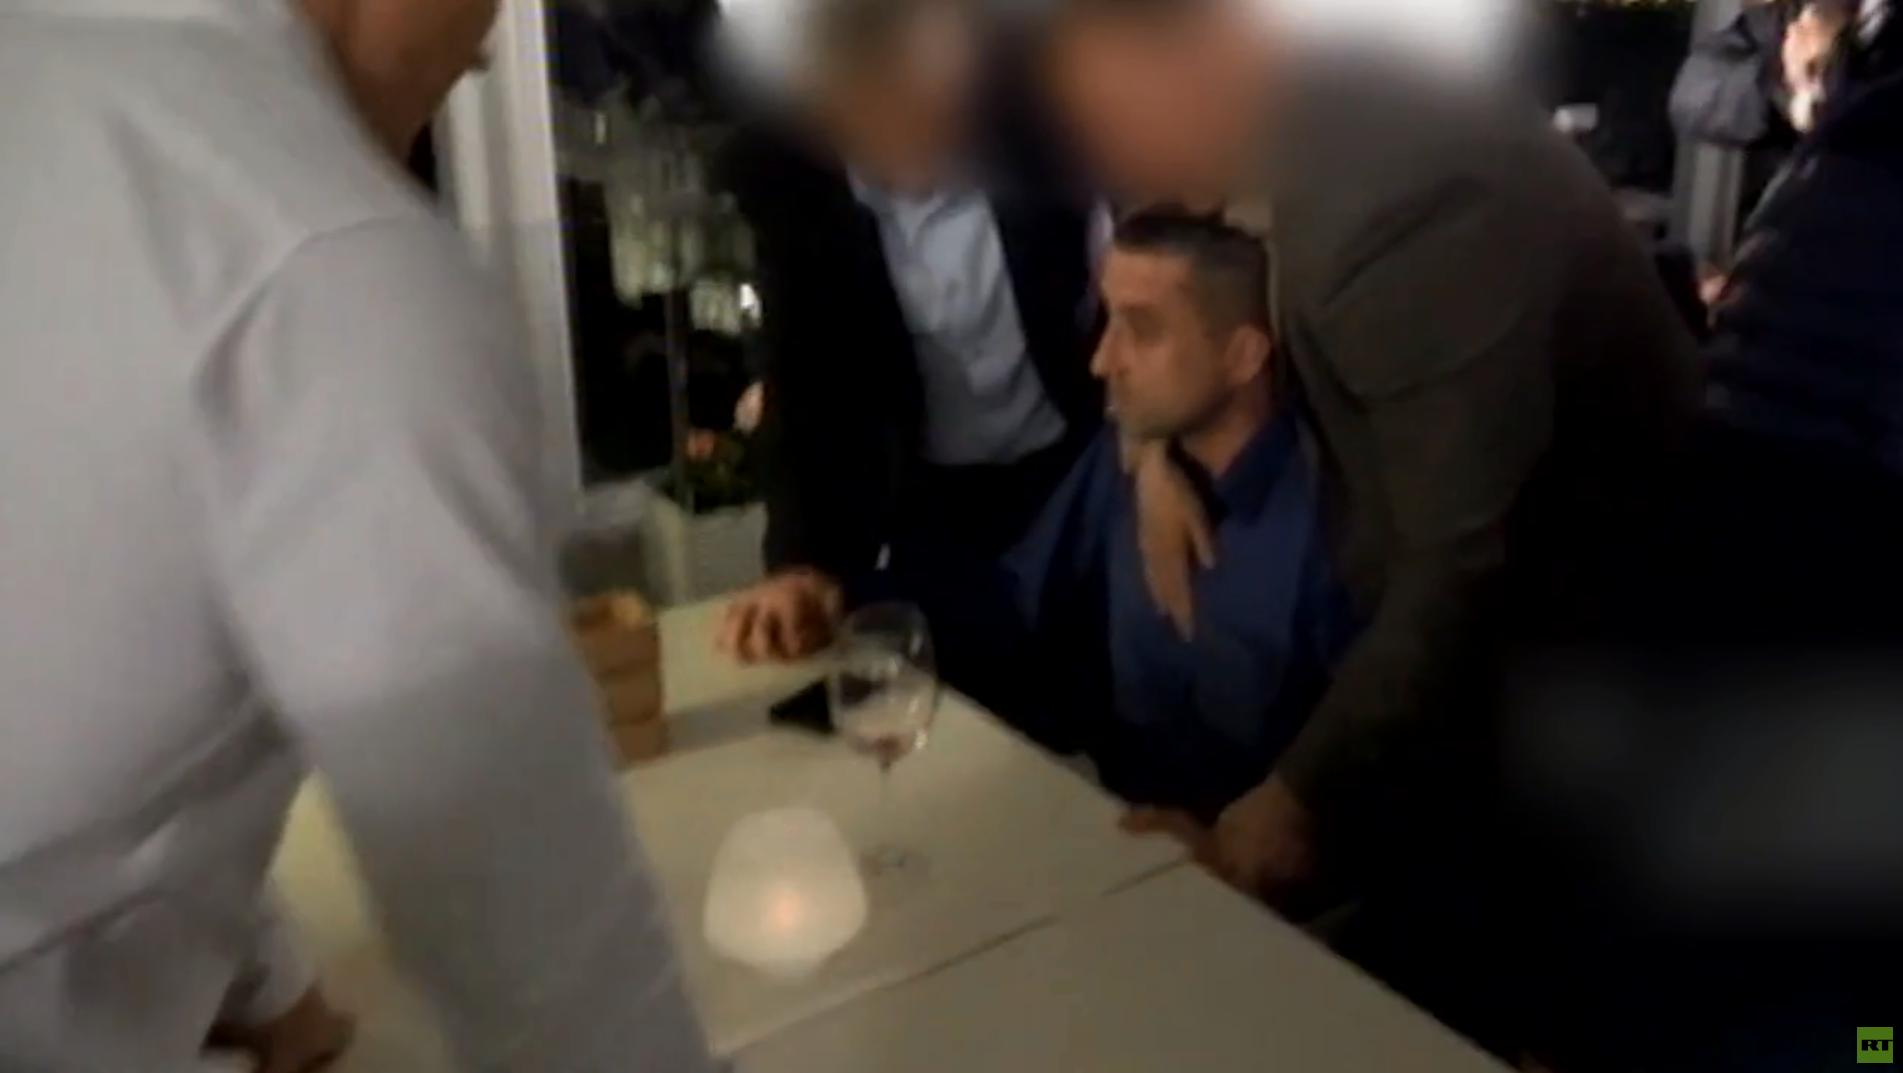 هيئة الأمن الفدرالية الروسية تنشر فيديو للحظة القبض على القنصل الأوكراني في سان بطرسبورغ، ألكسندر سوسونيوك.